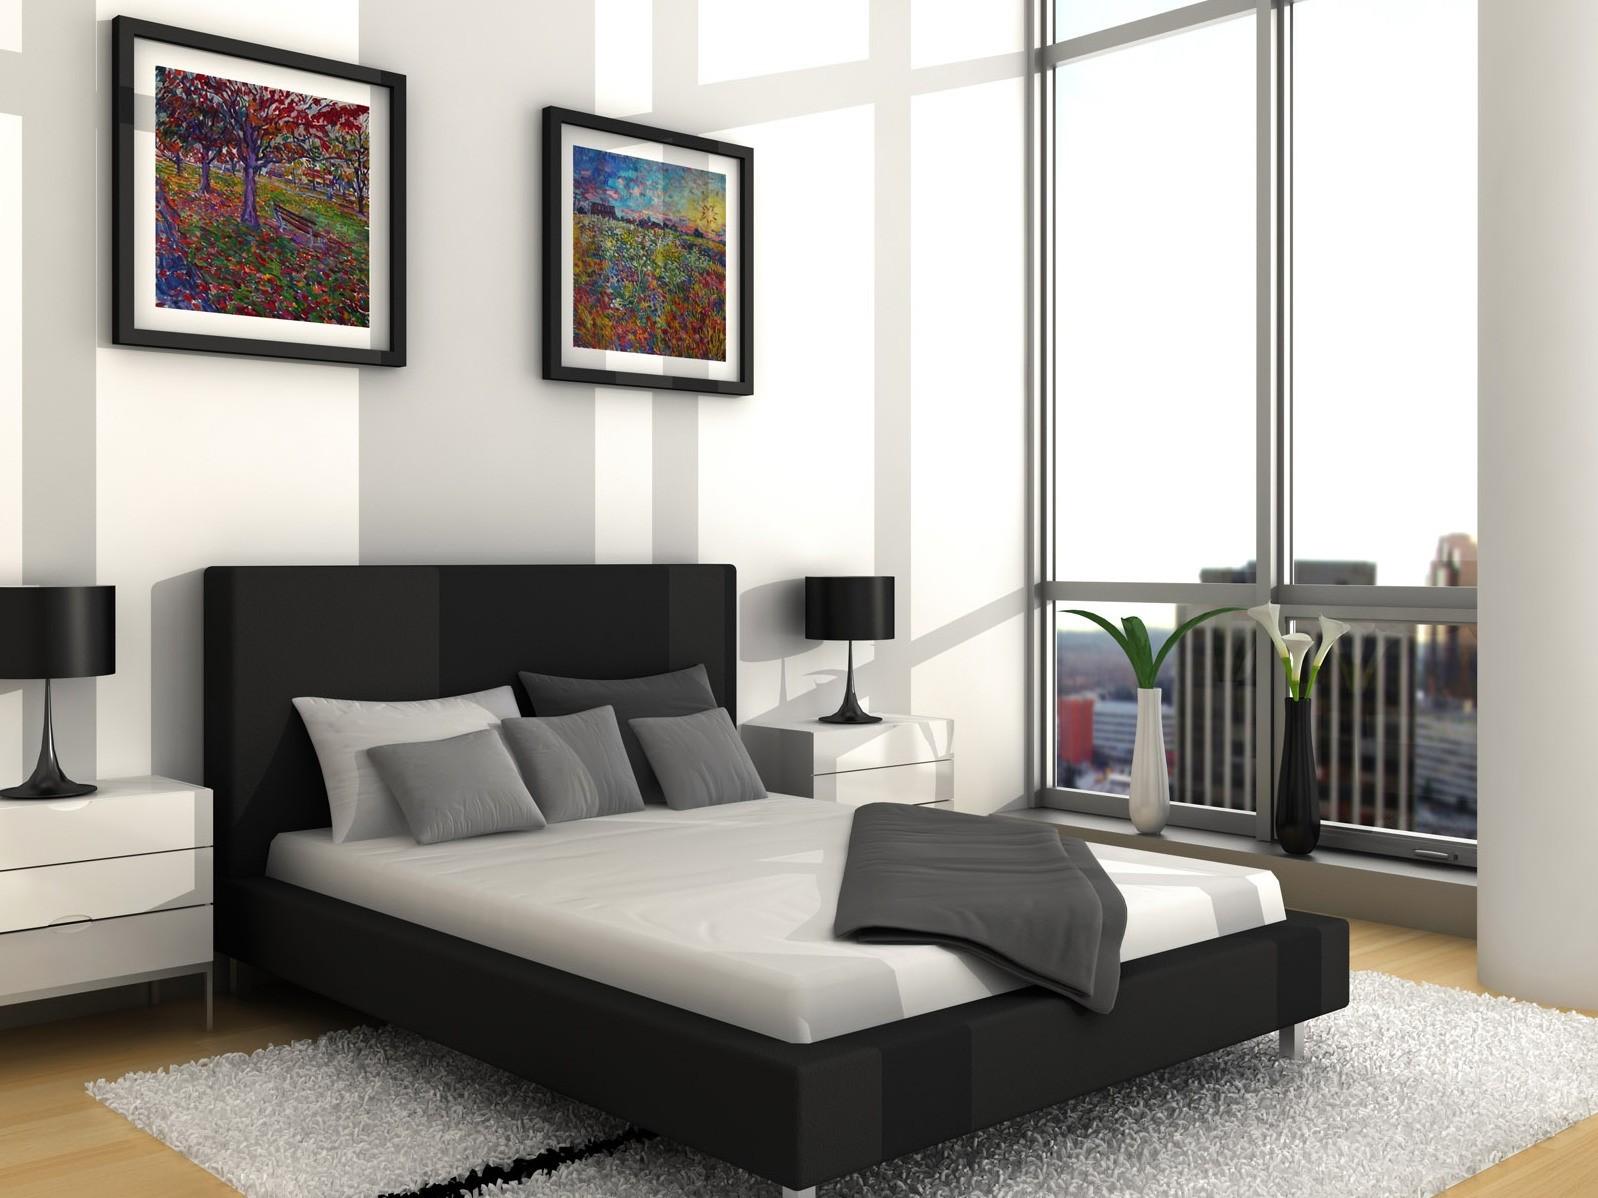 Biała sypialnia z obrazami, źródło: tot-tot.net